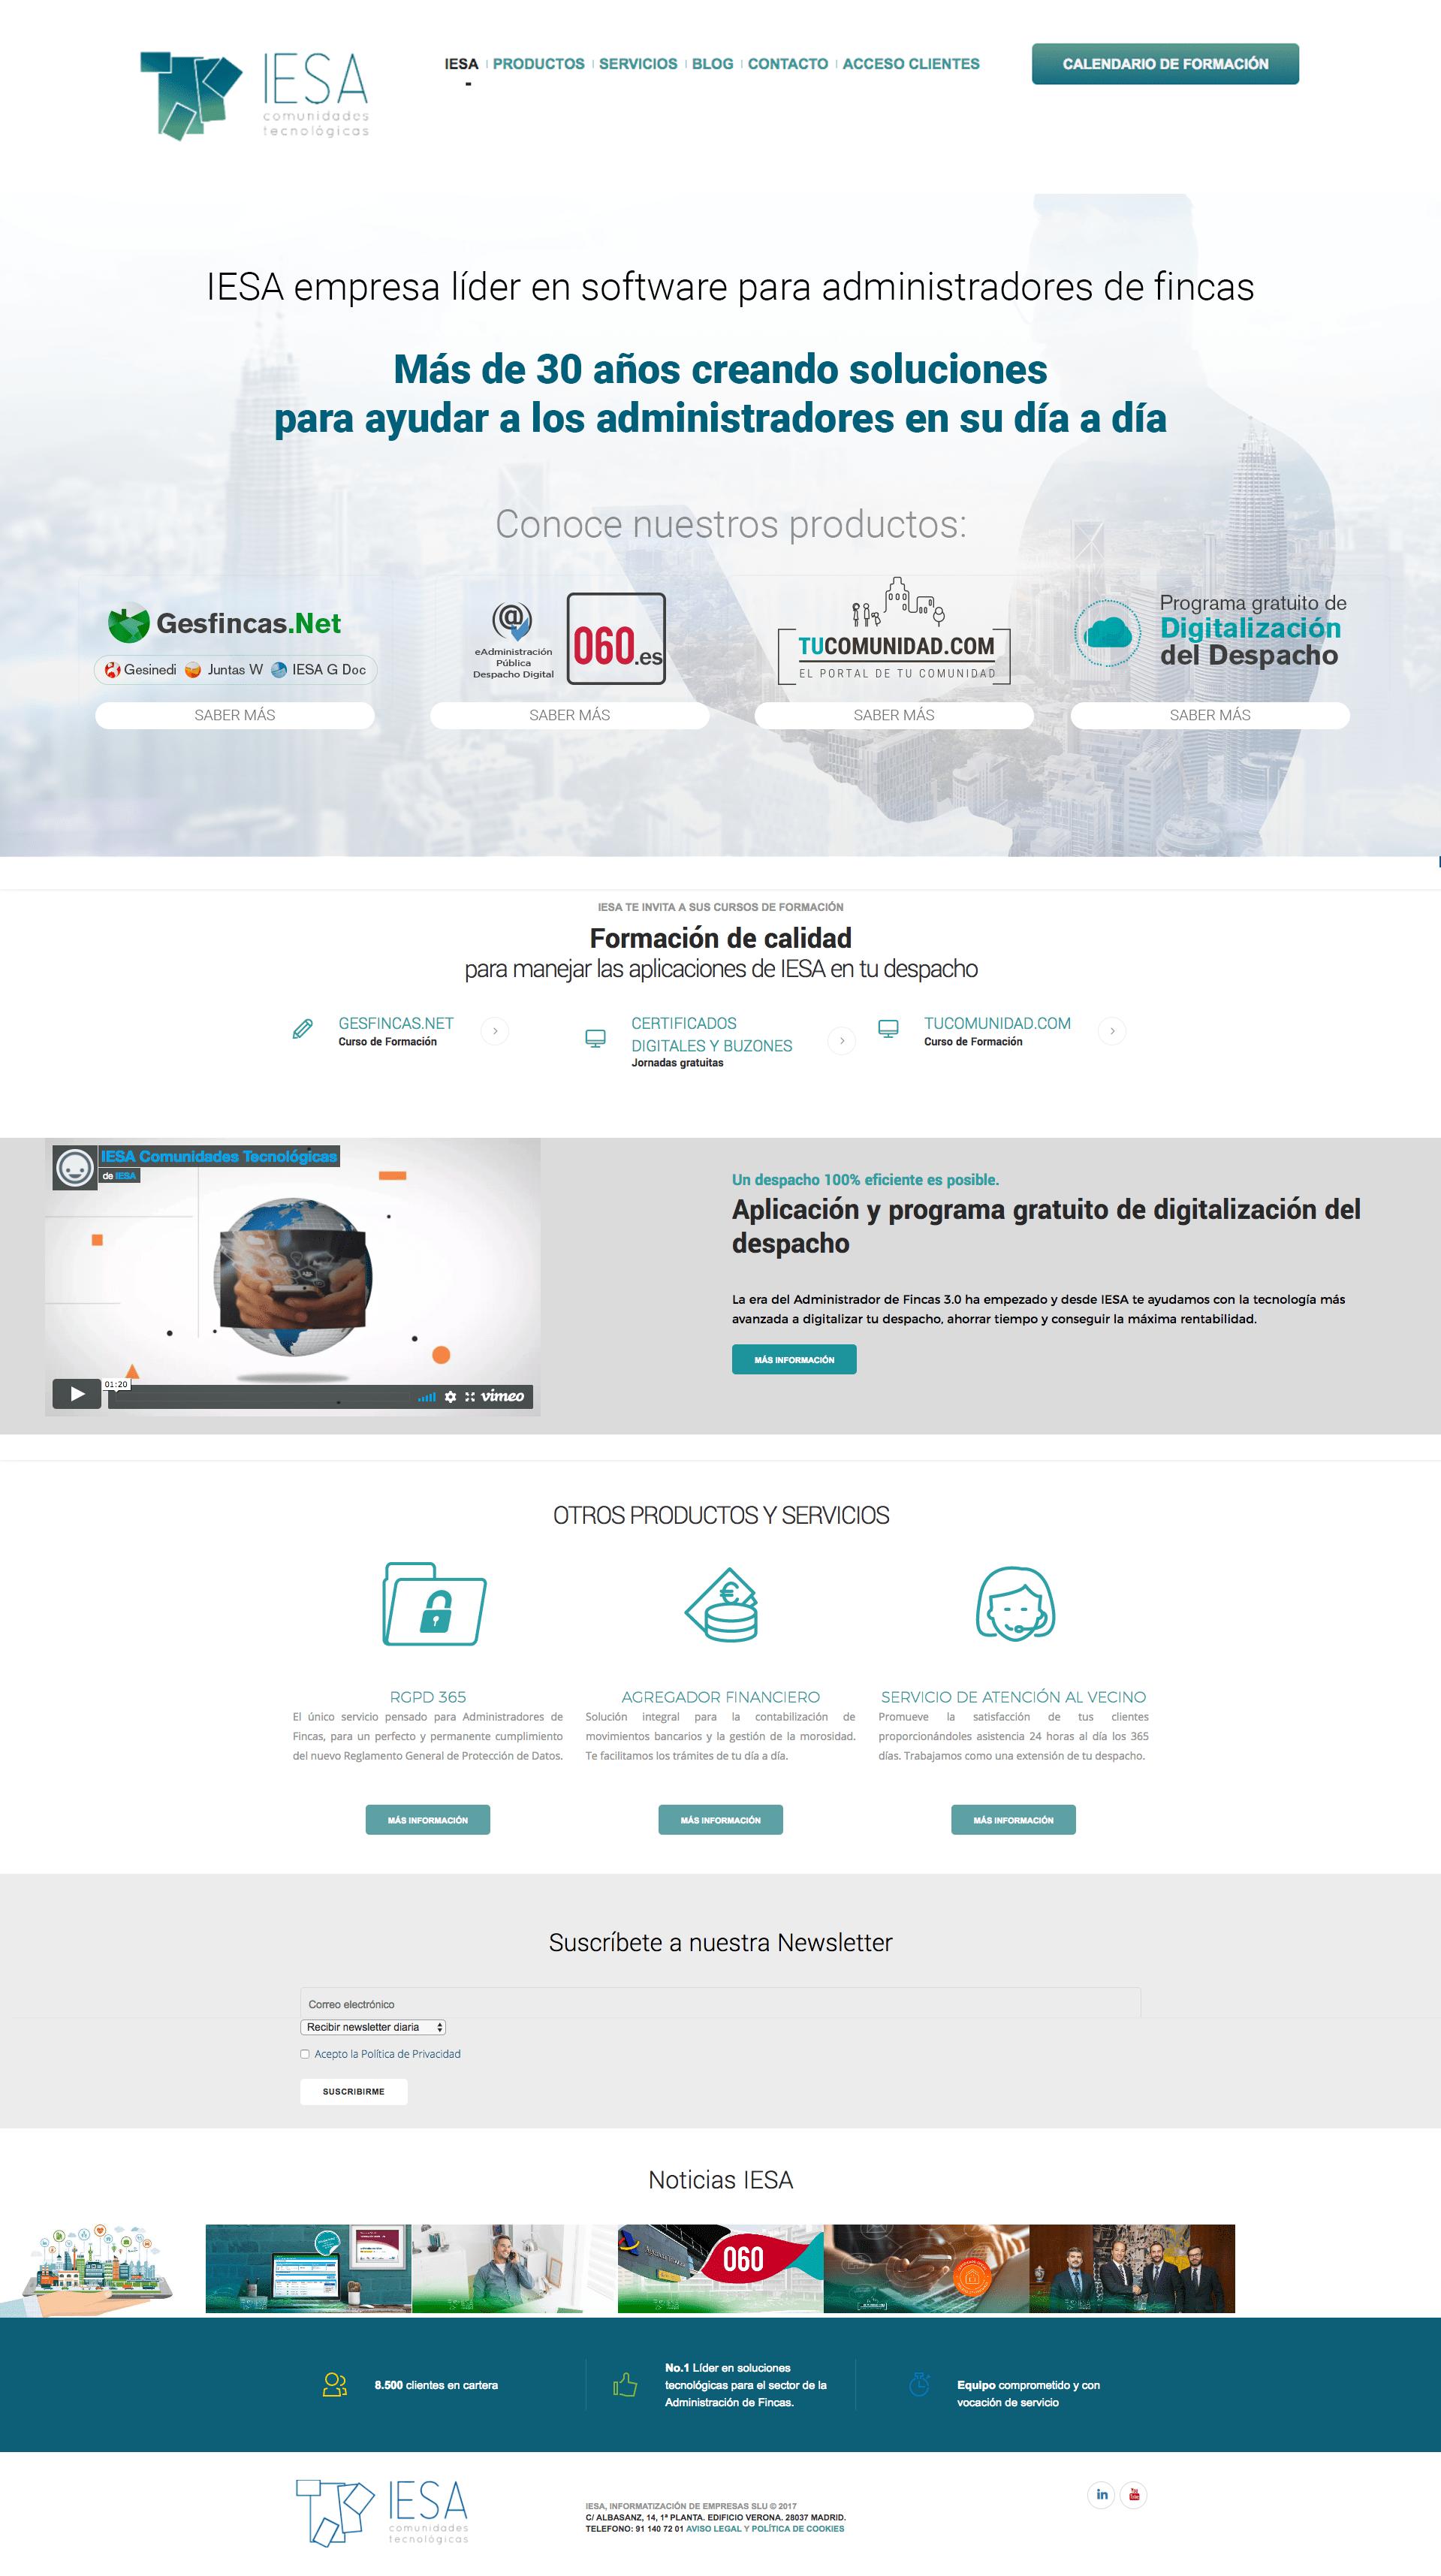 Diseño de la página web de IESA